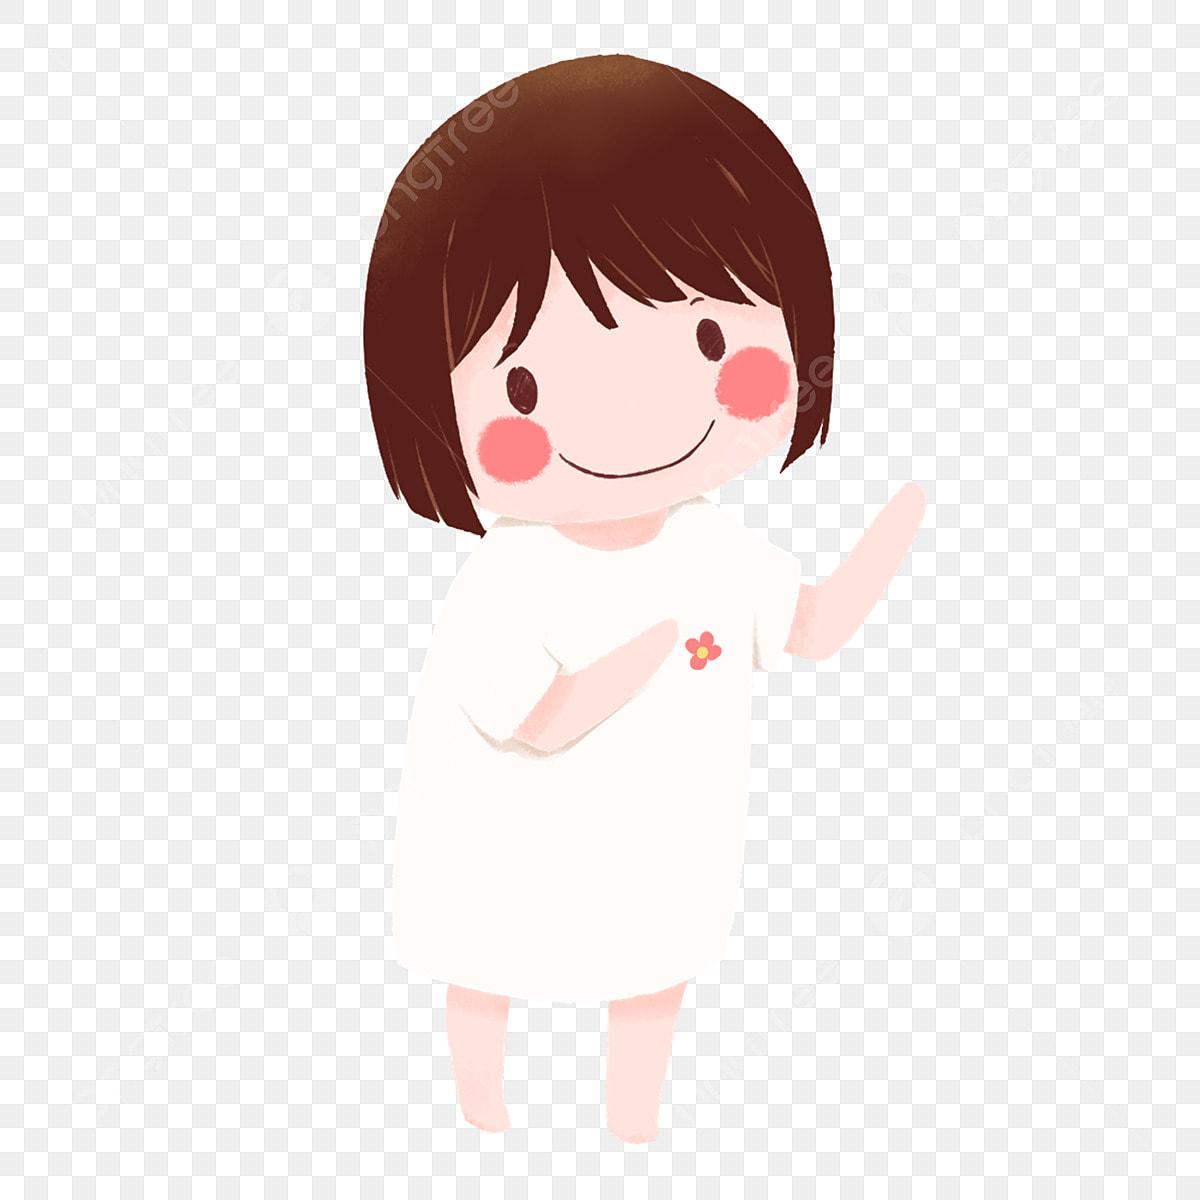 Gambar Kartun Wanita Muslimah Tersenyum Gambar Kartun Kepala Anak Patung Gadis Kecil Comel Clipart Percuma Kartun Putih Kecil Kepala Anak Patung Png Dan Psd Untuk Muat Turun Percuma